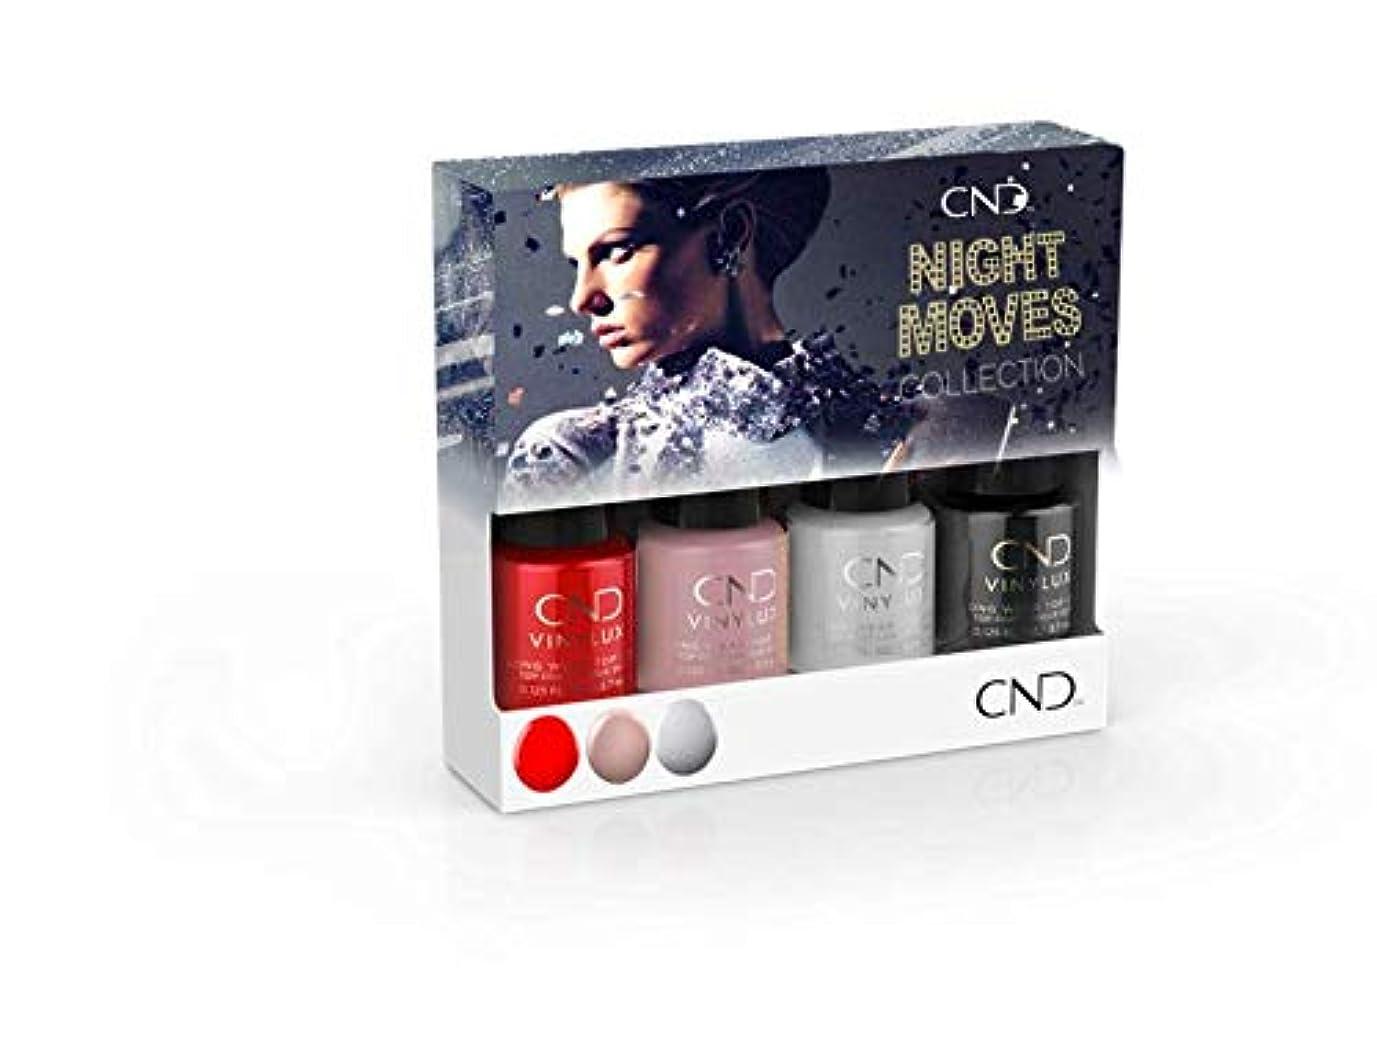 過敏なつぶすブランクCND Vinylux - Night Moves The Collection - Mini 4pk - 3.7 mL / 0.125 oz